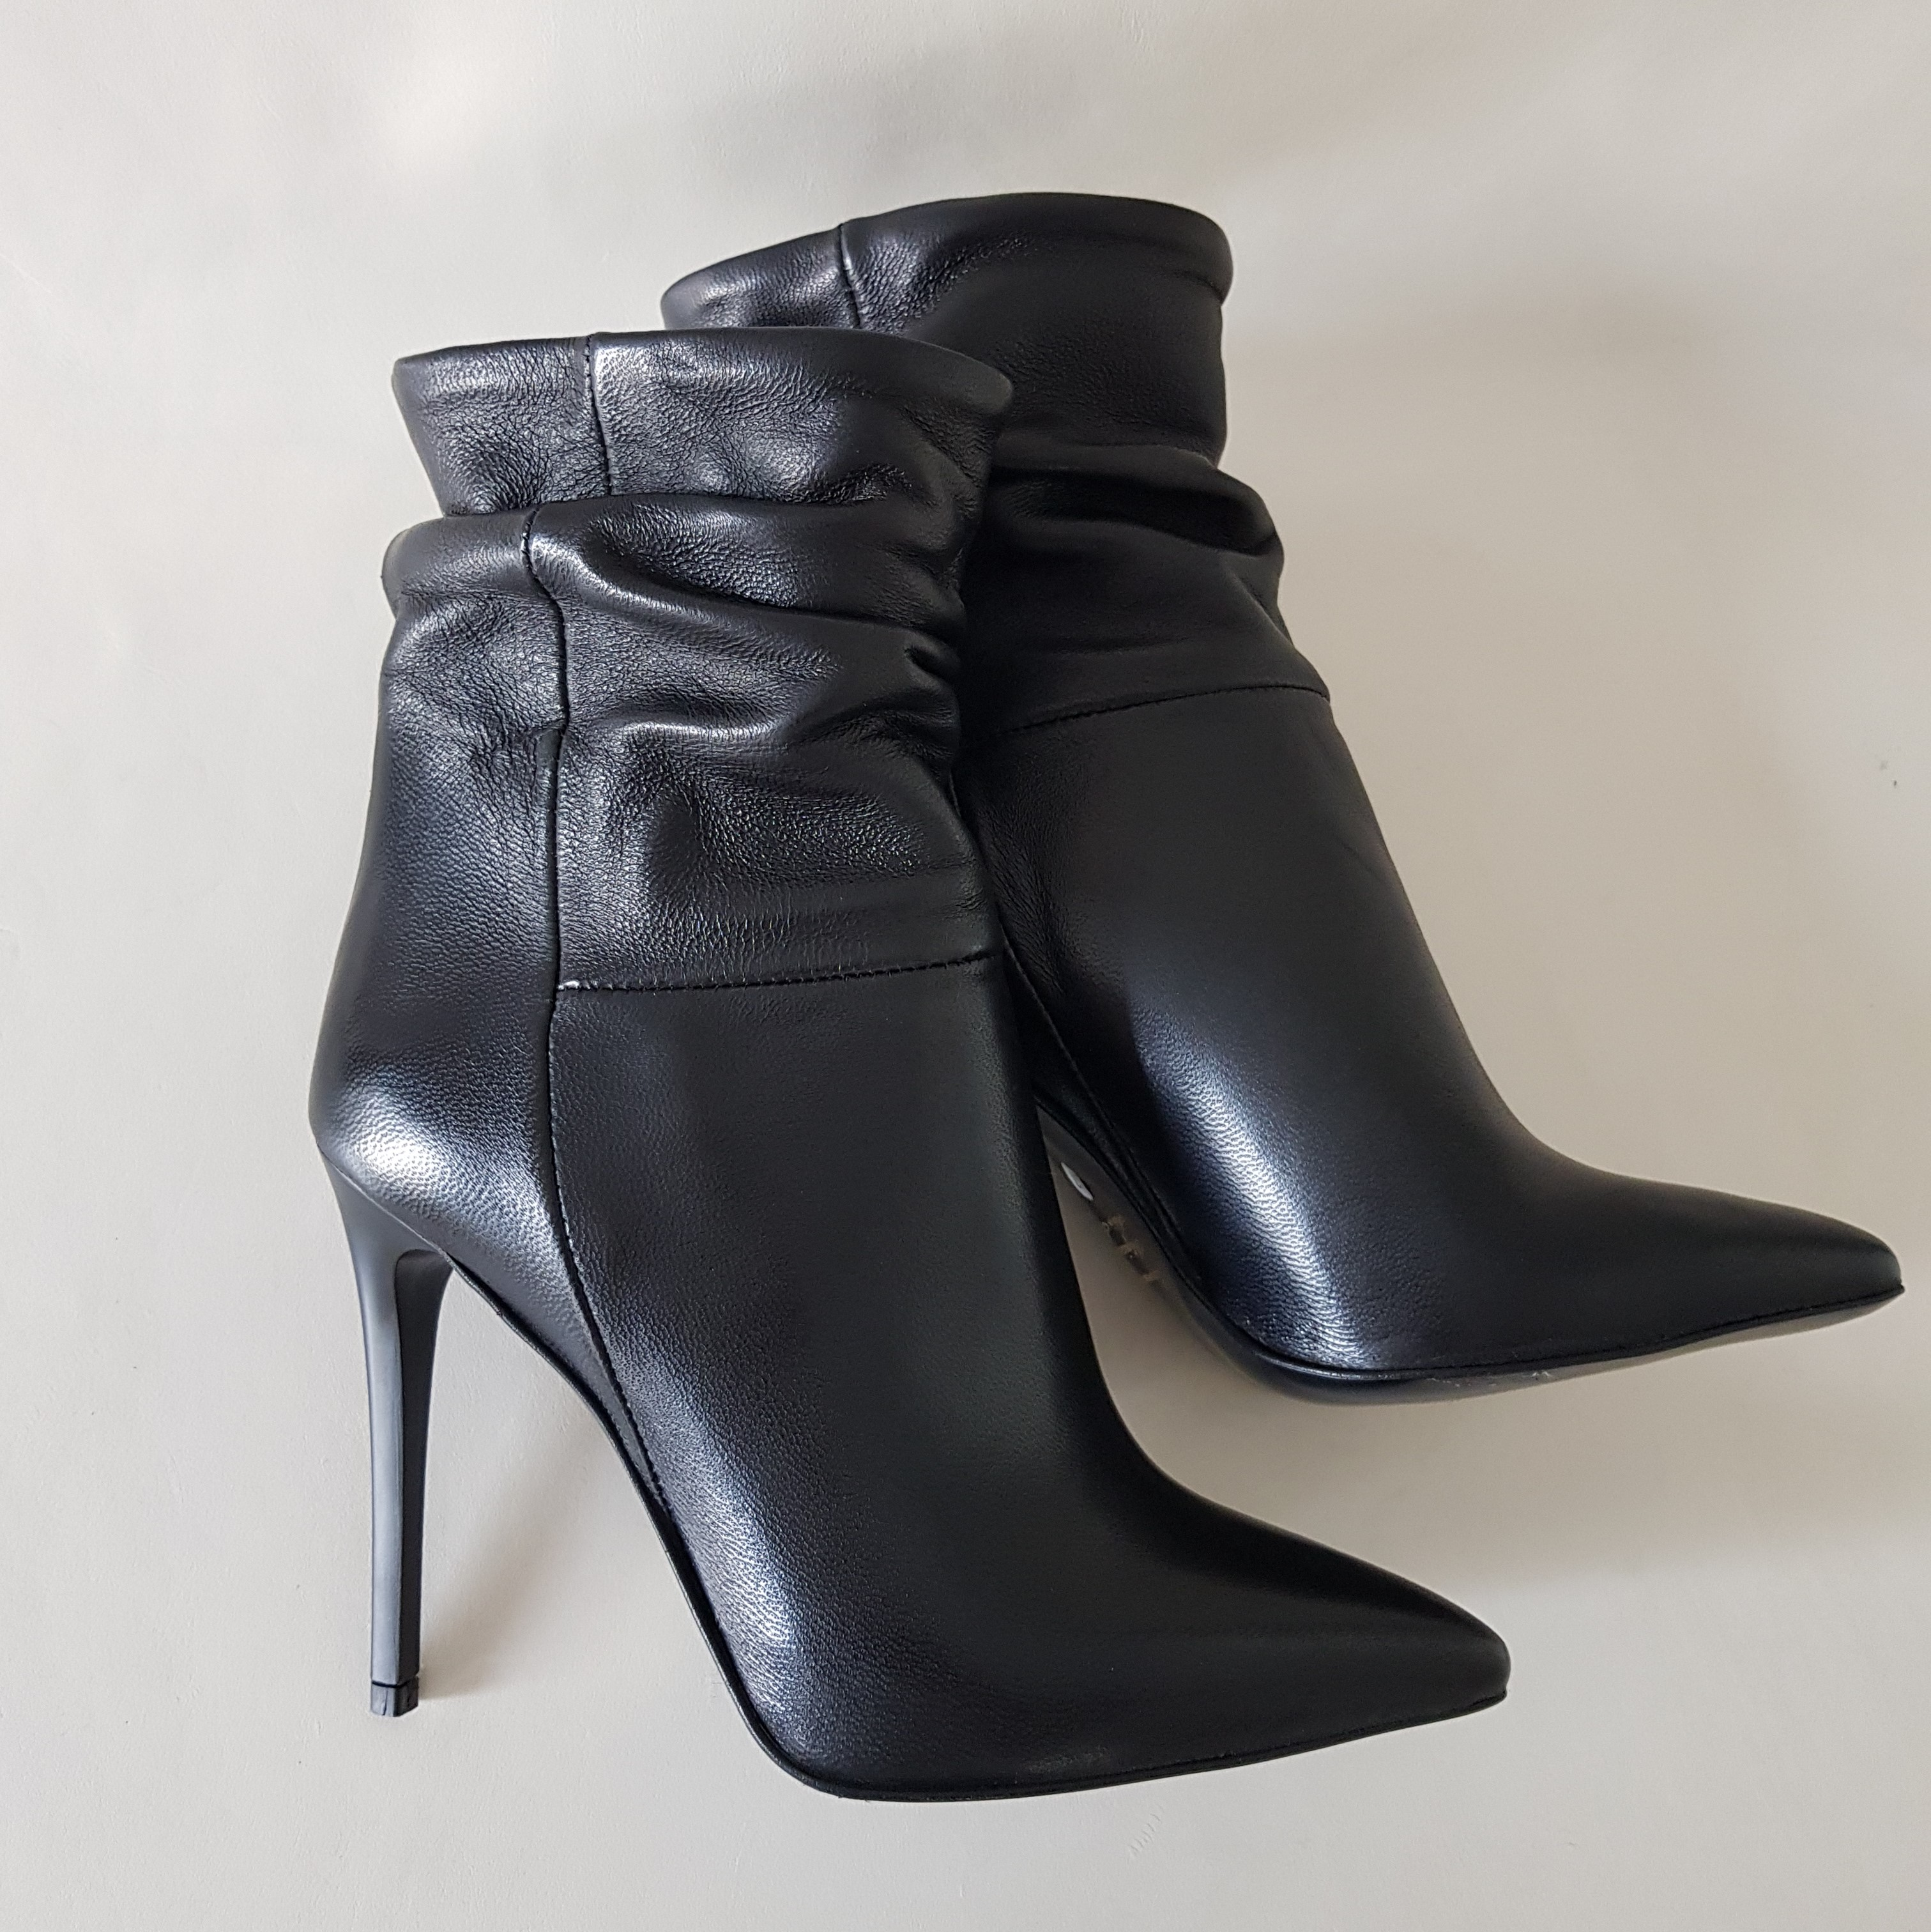 Stivaletti pelle nero tacco ornella94 - Lia diva scarpe ...